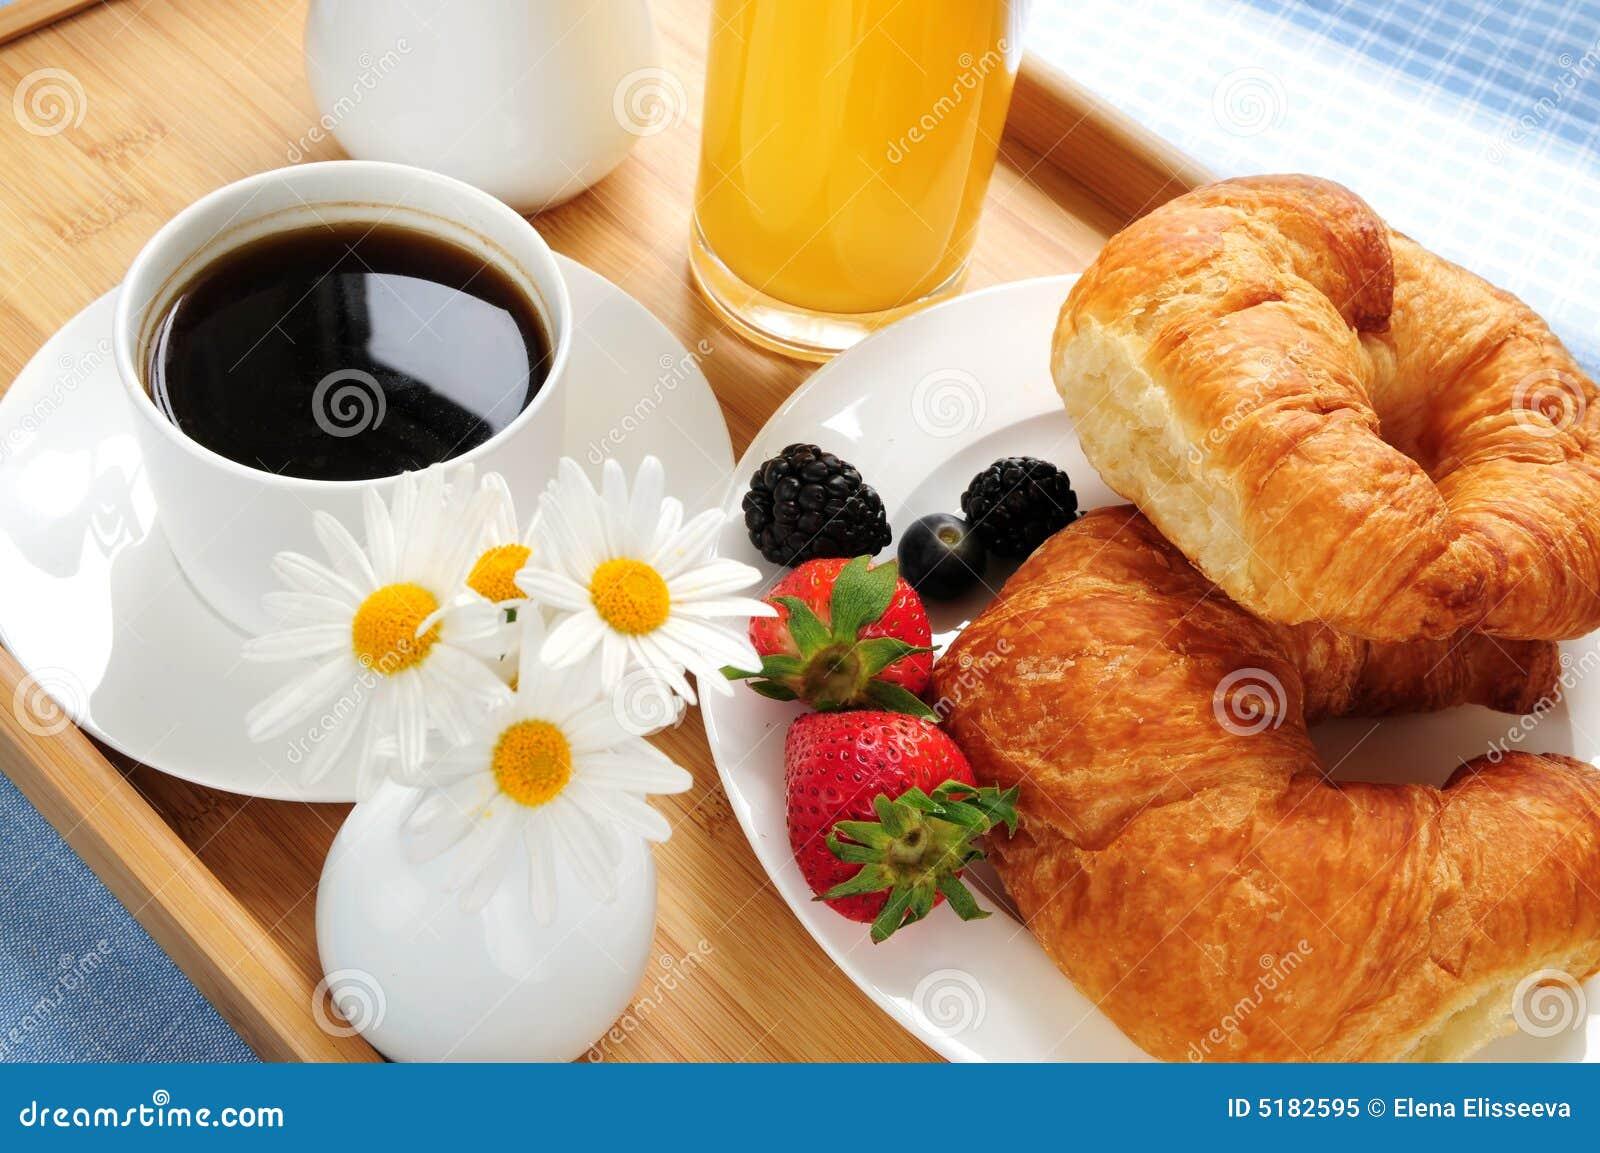 Desayuno servido en una bandeja